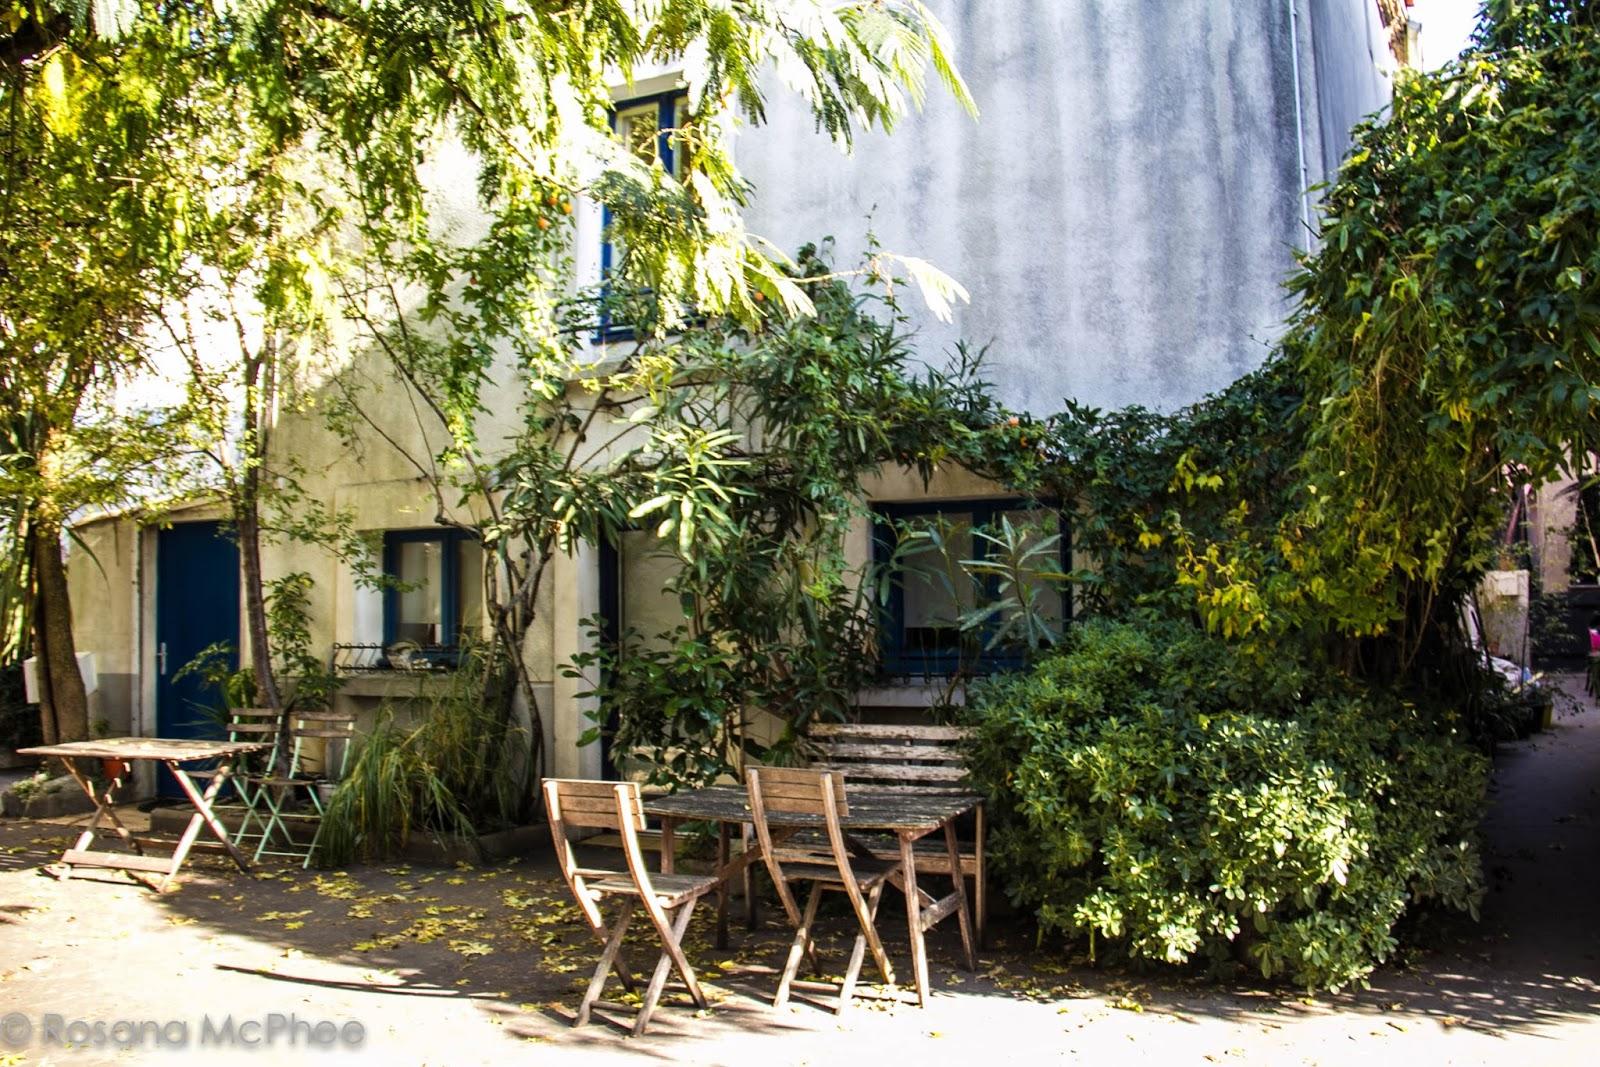 Restaurant La Civelle Histoire Modern Caf Ef Bf Bd